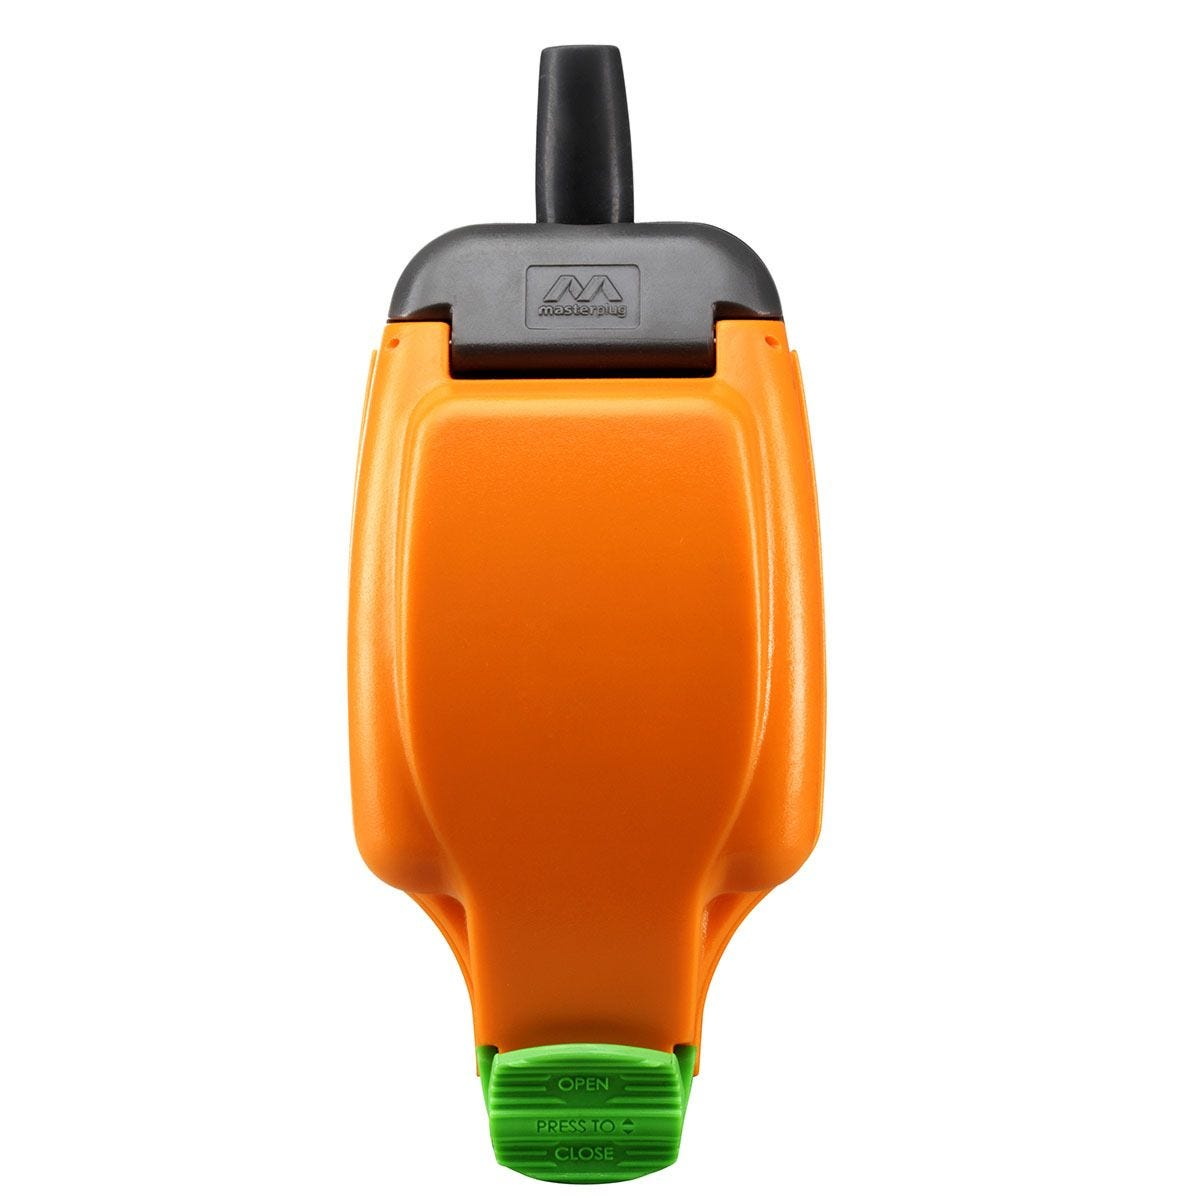 Masterplug 1 Socket 13 Amp Weatherproof In Line Socket - Orange & Black